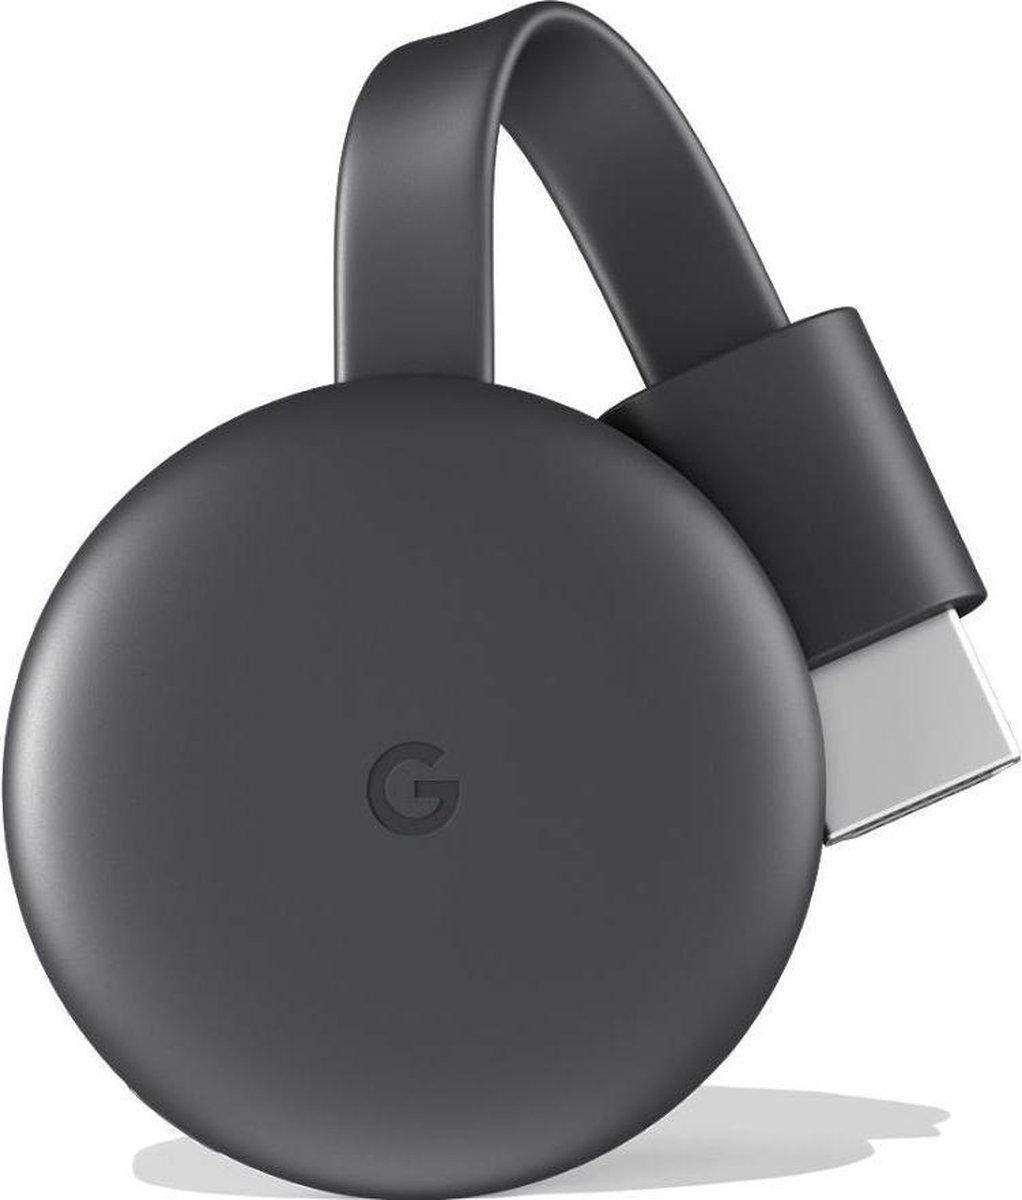 Ex Google Chromecast 3